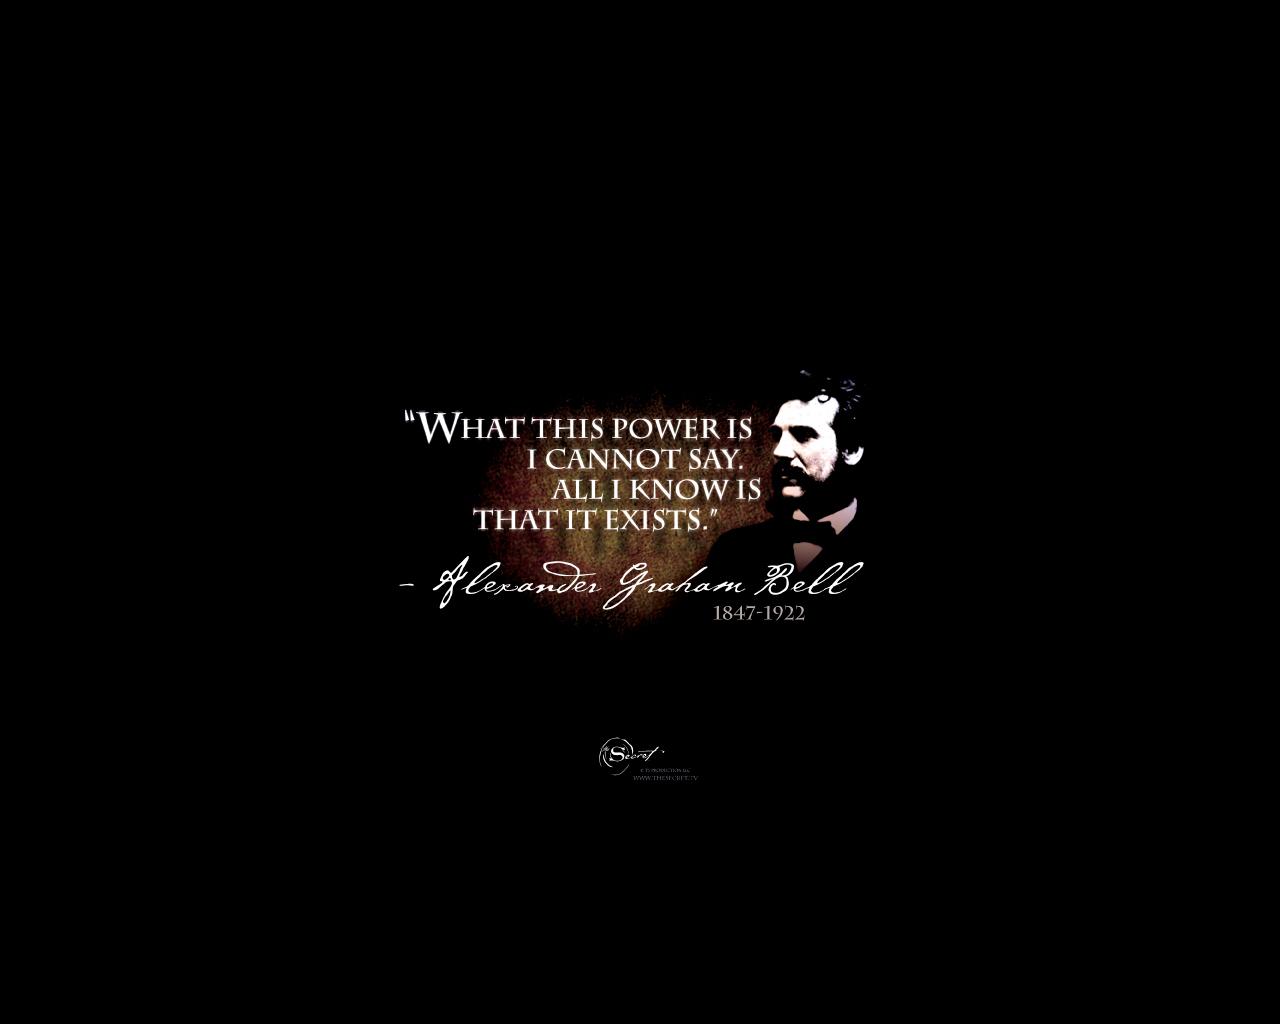 Secret quote #6